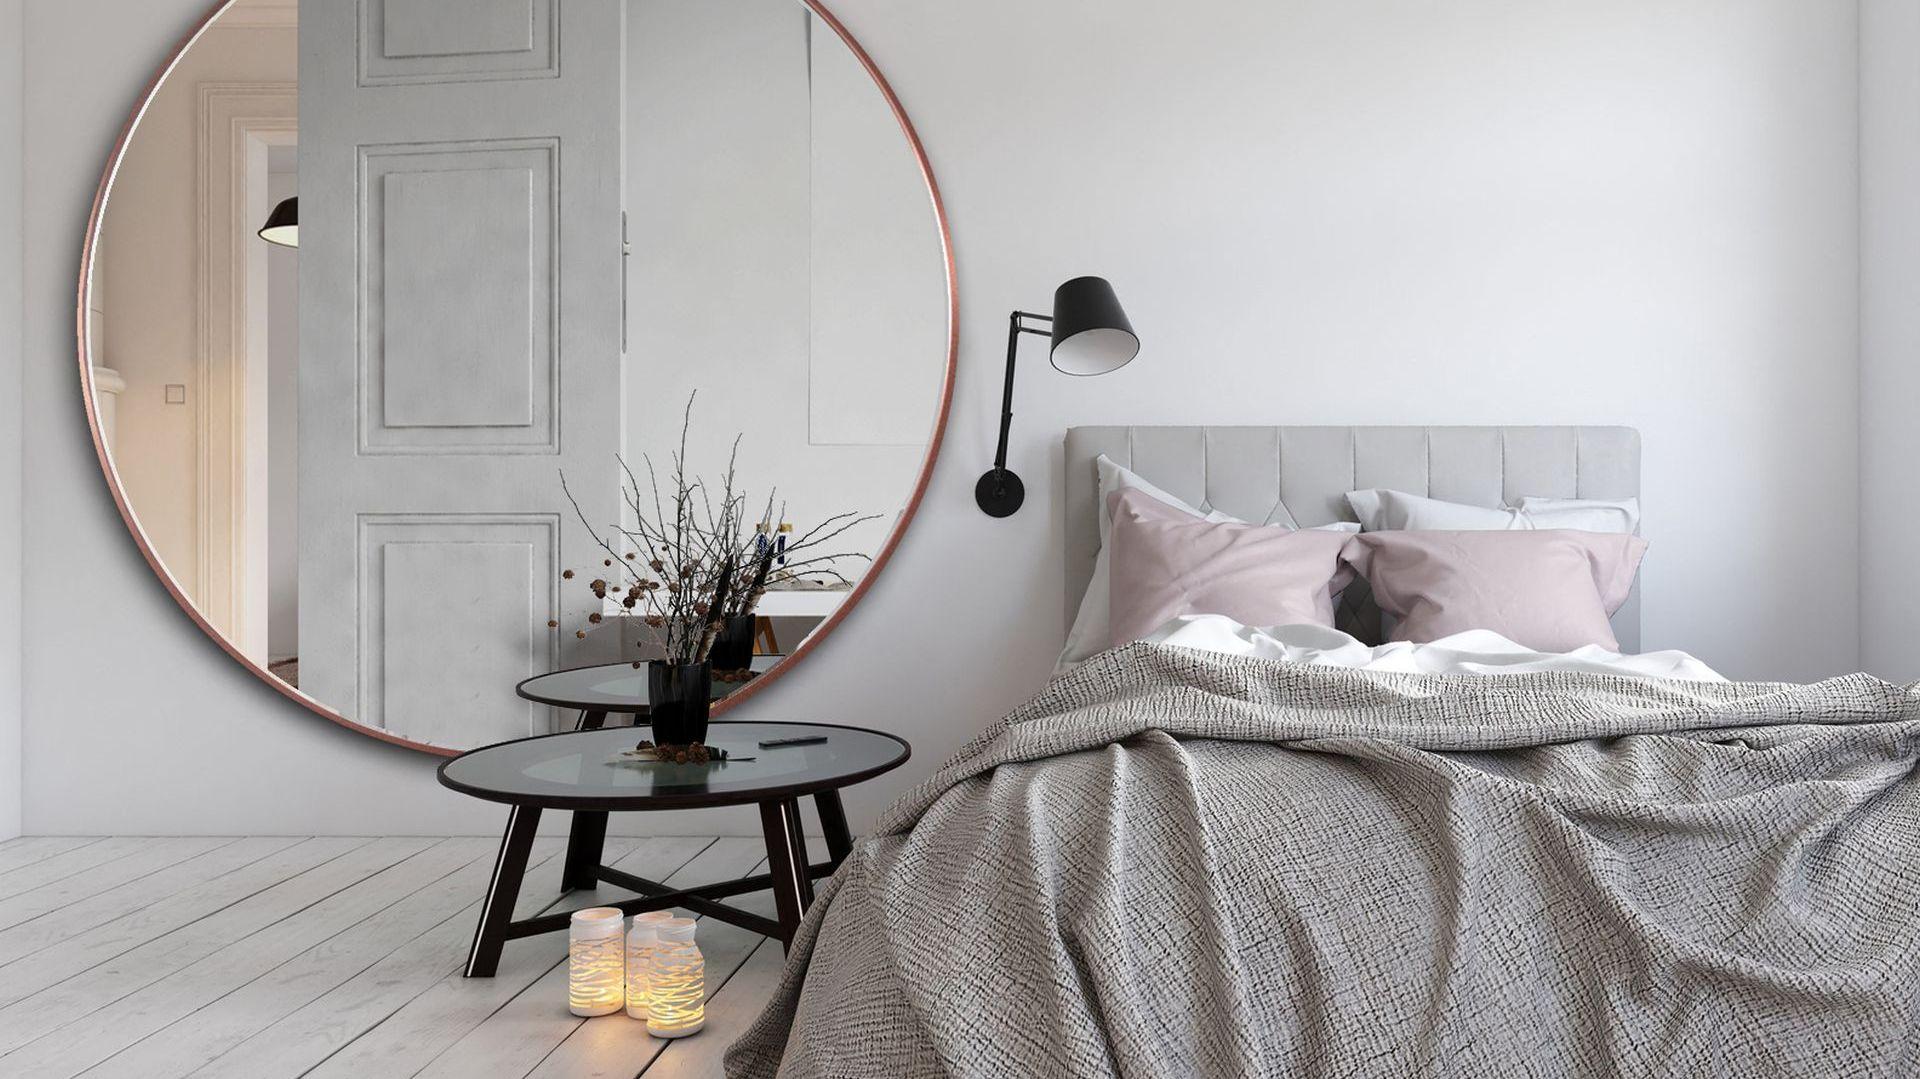 NAGRODA GŁÓWNA: Scandi Slim - duże, okrągłe lustro w cienkiej ramce/GieraDesign. Kategoria: Przestrzeń Sypialni i Garderoby